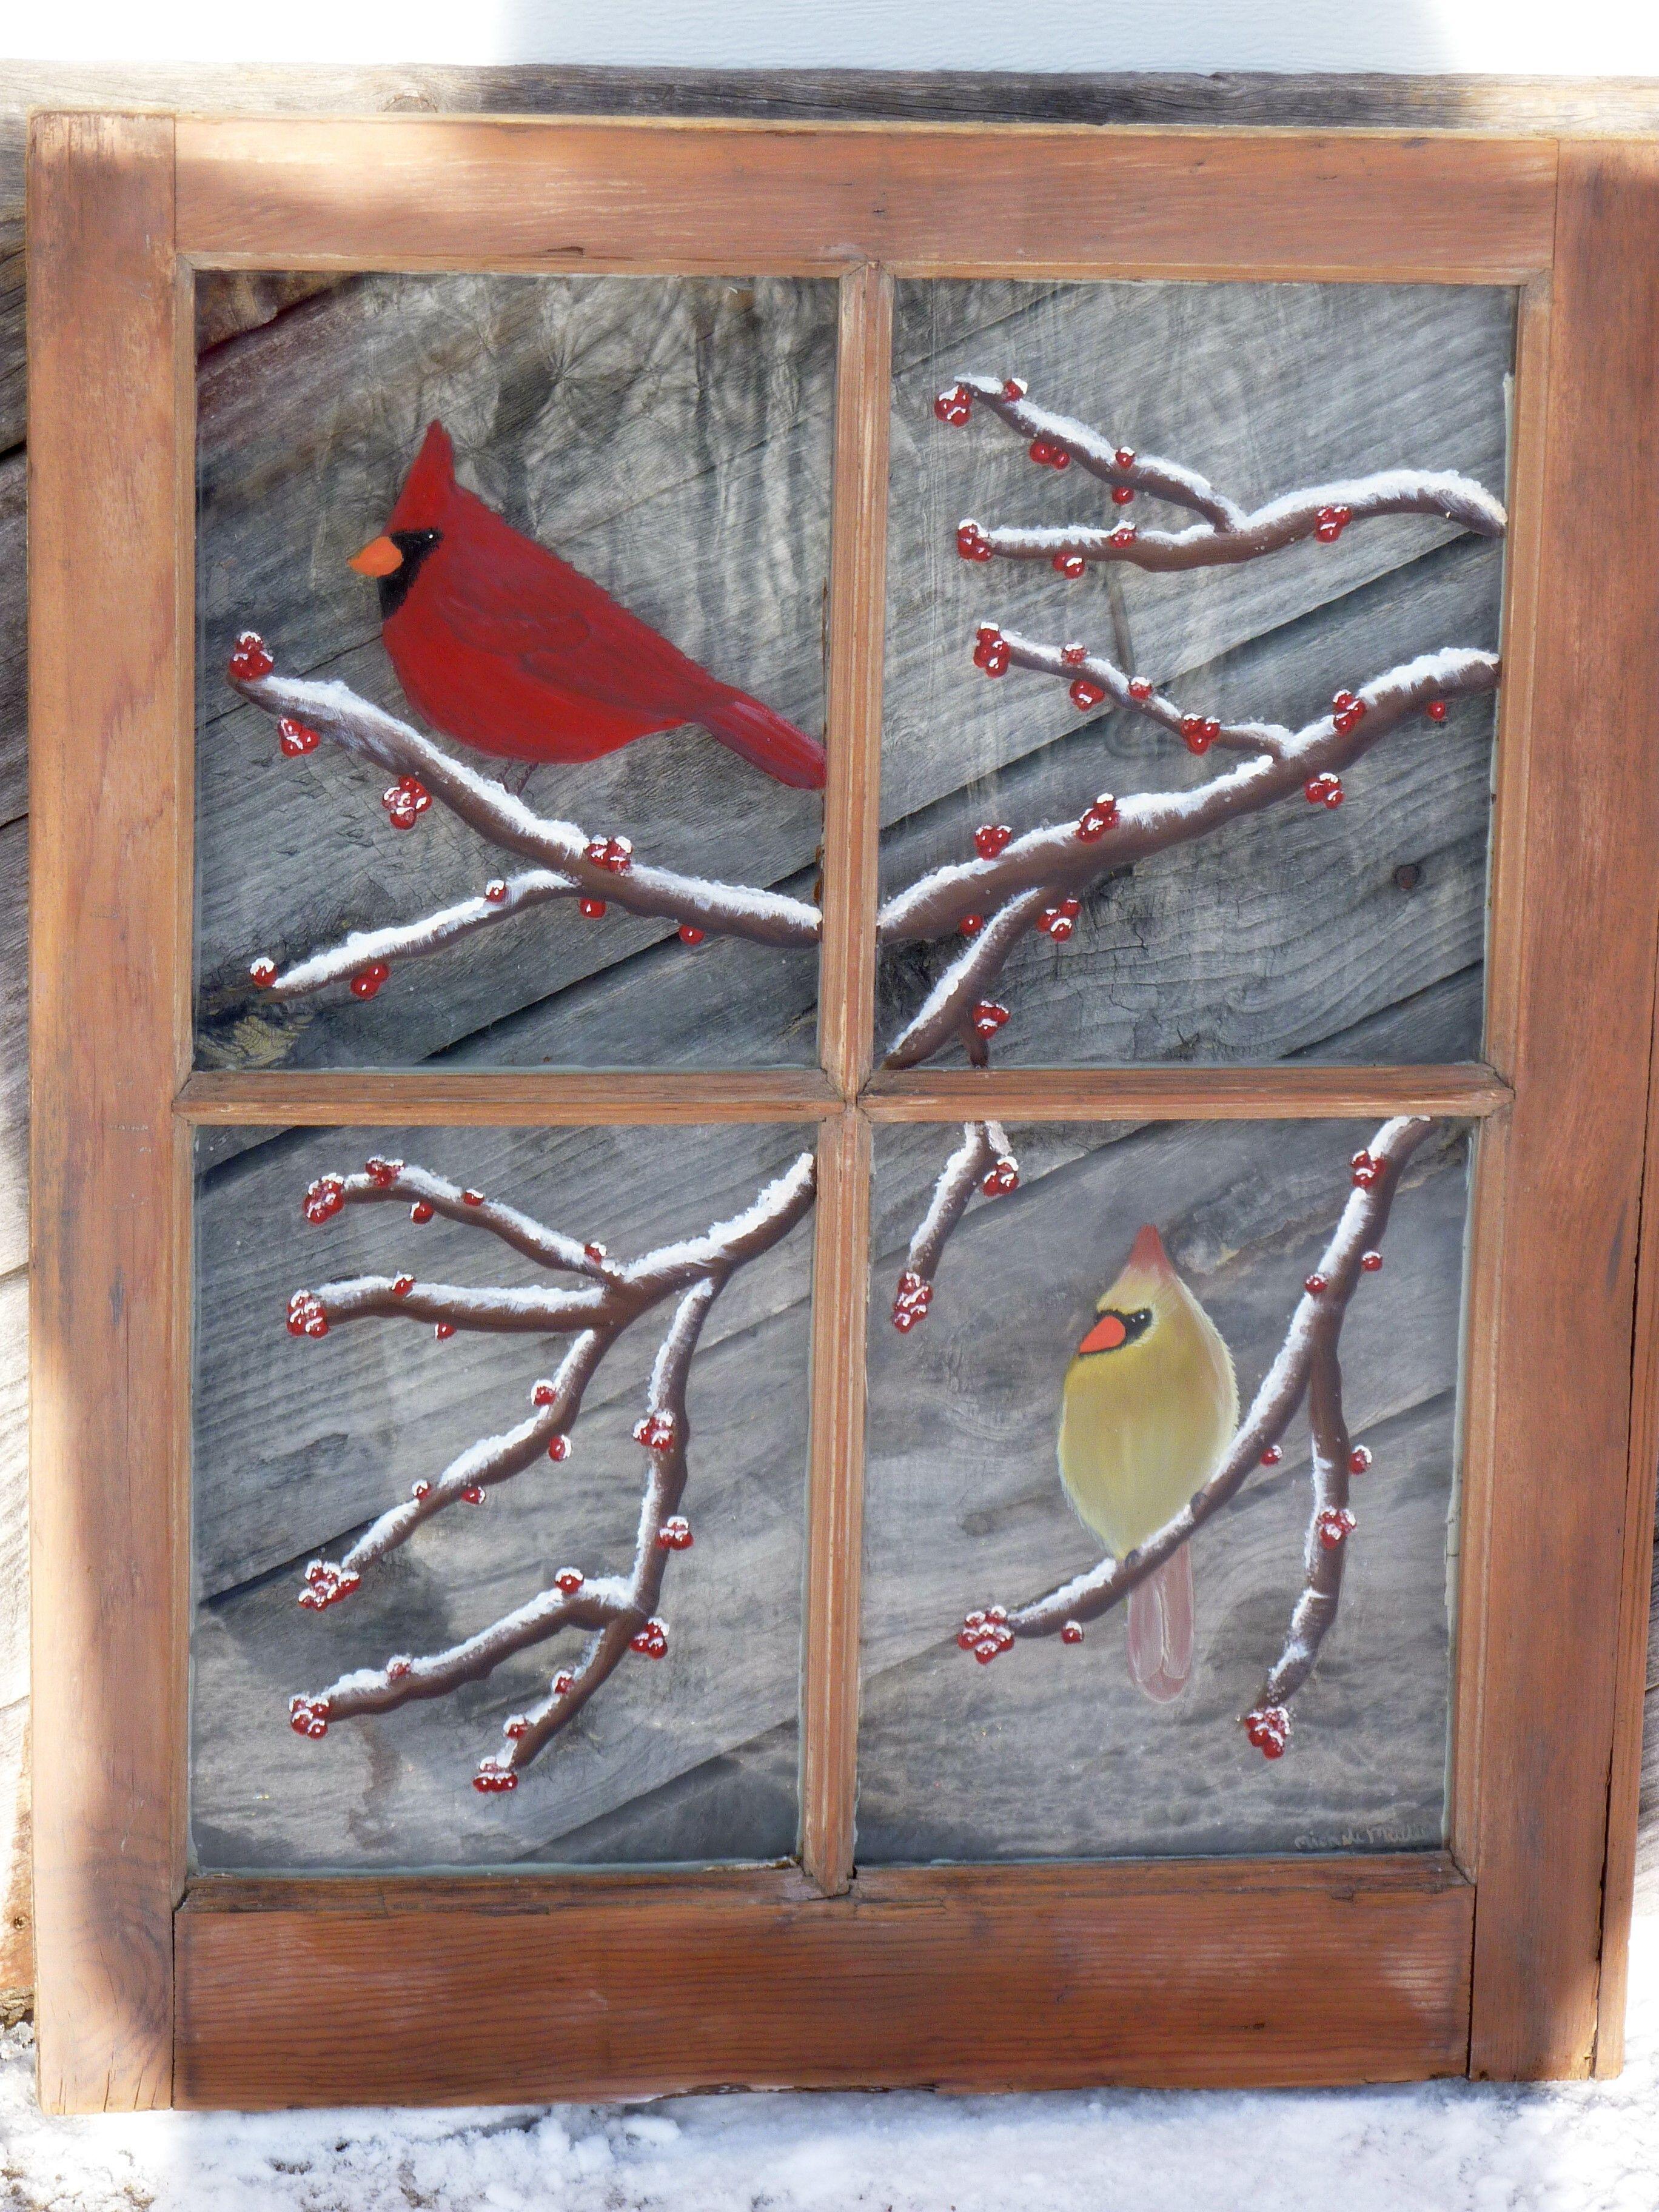 Panes Of Art By Michele L Mueller Window Pane Www